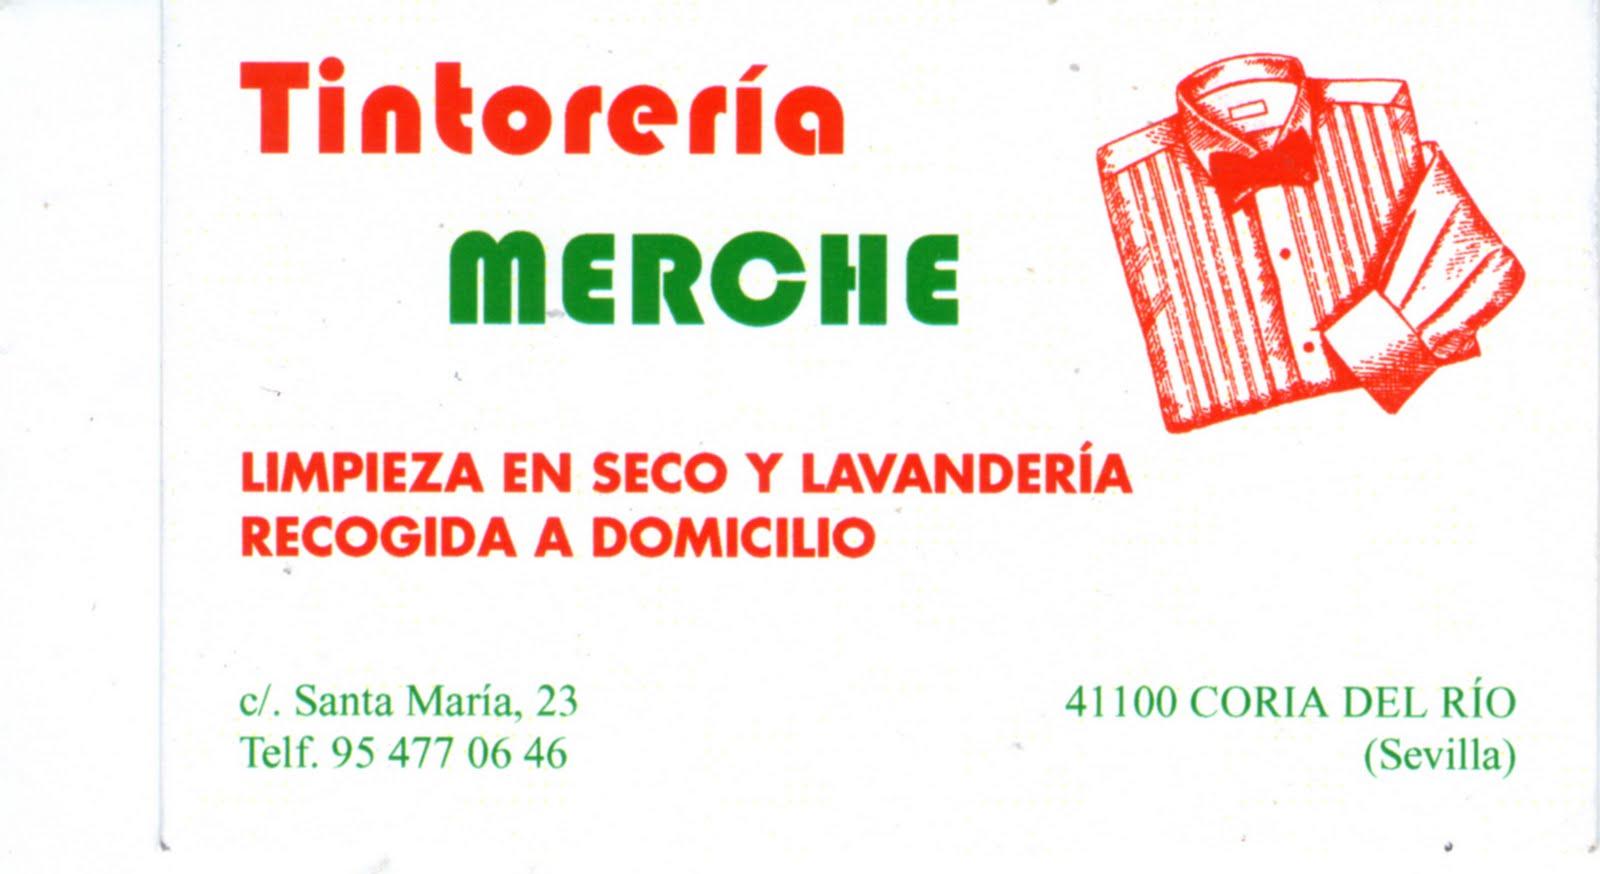 TINTORERIA MERCHE - TINTORERIA EN CORIA DEL RIO